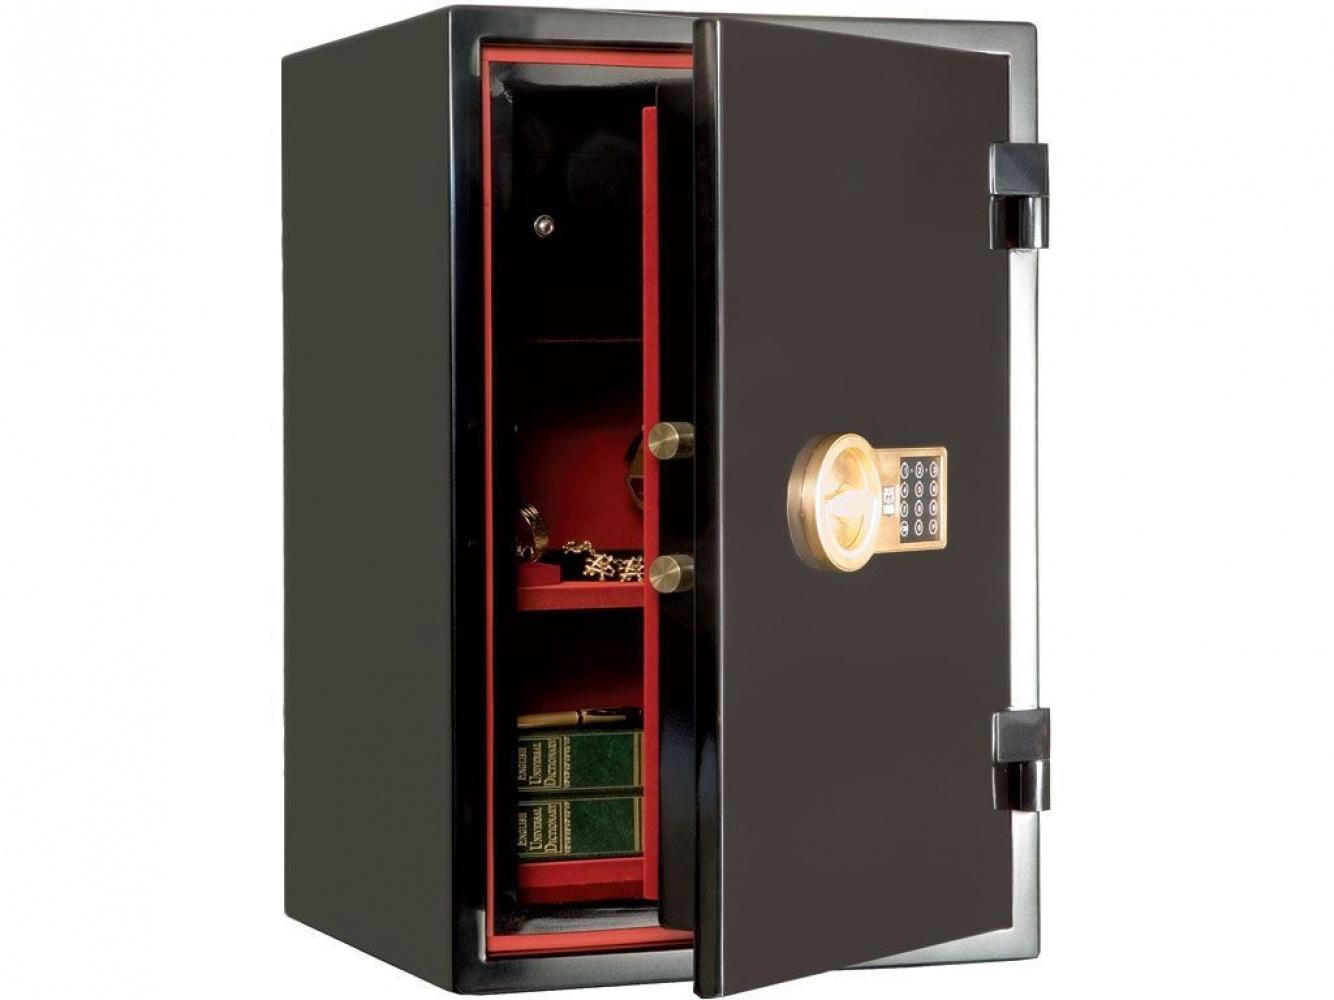 Сейф огневзломостойкий (460*440*440мм.) электронно кодовый замок, 1 полка, 1 клас, Гарант-46 EL, виш Valberg - фото 6